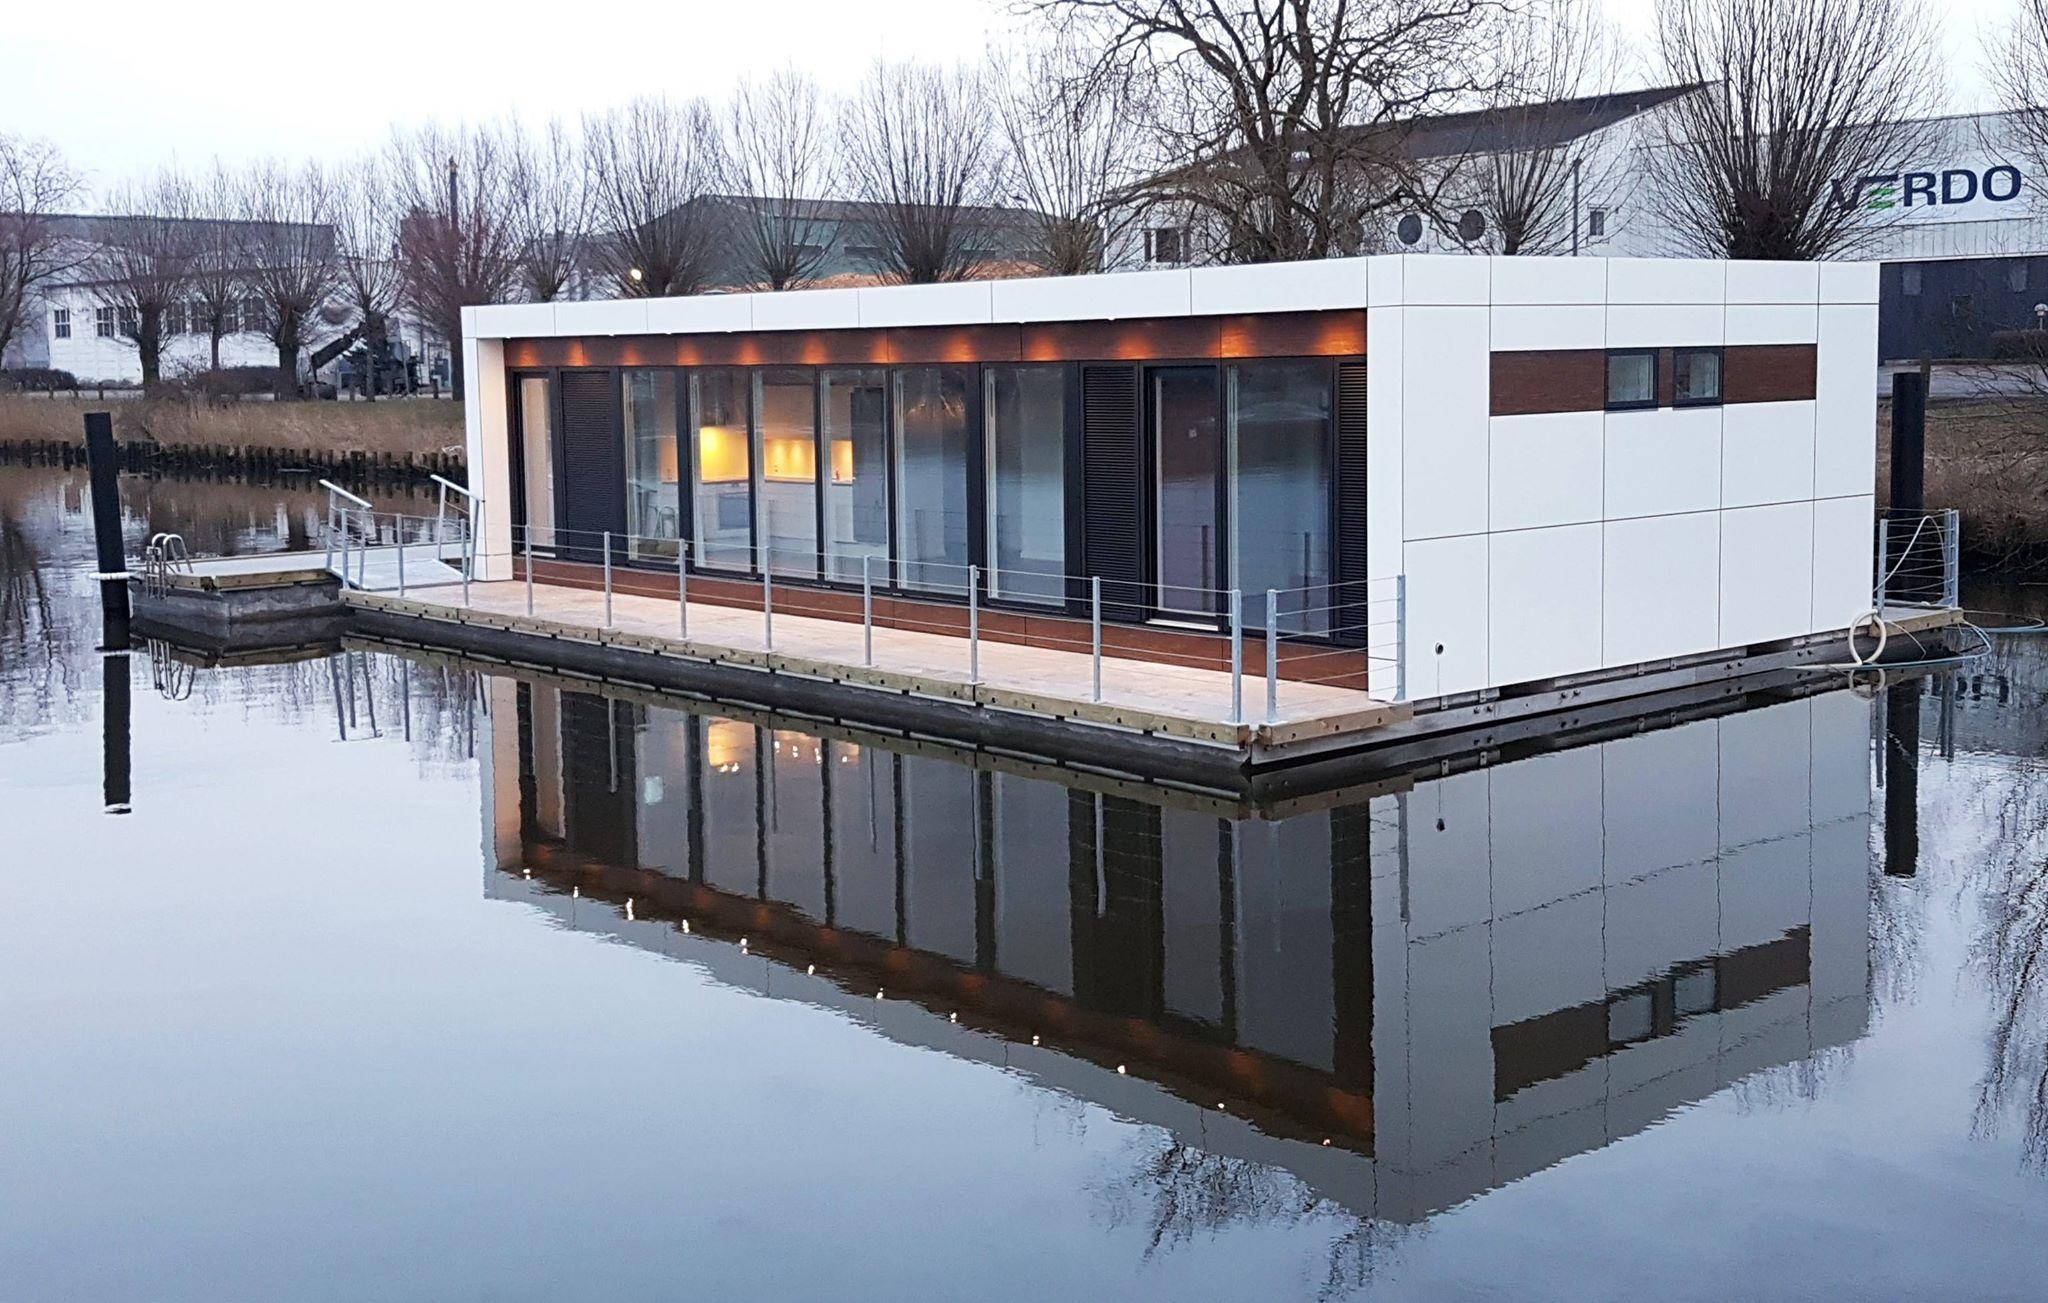 Husbåden fra Zunshine Living har været 4 år undervejs og udviklingen har kostet 7 mio. kroner. PR-foto